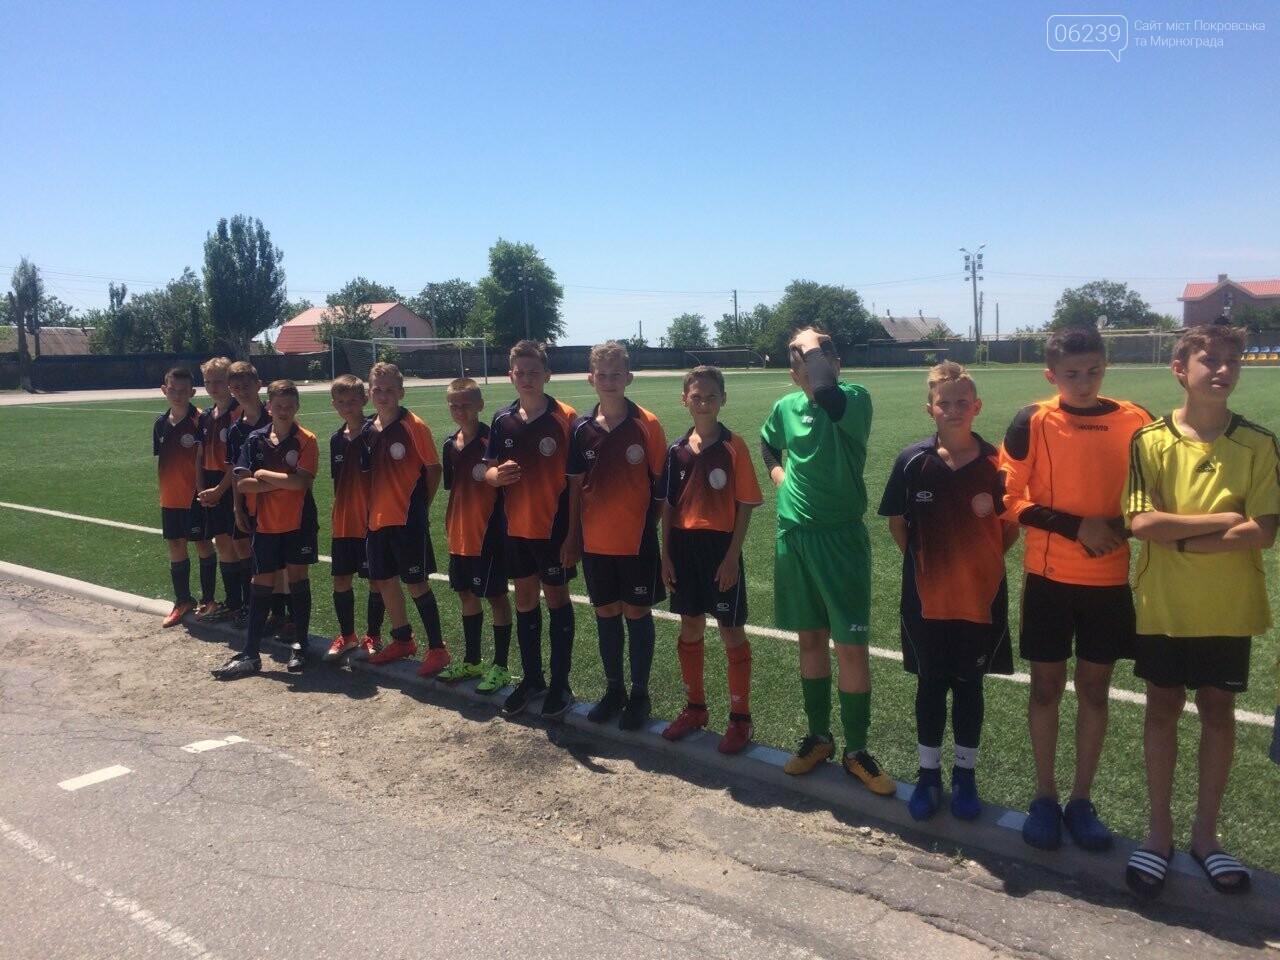 Спортсмены из Покровска заняли призовое место в соревнованиях по футболу, фото-1